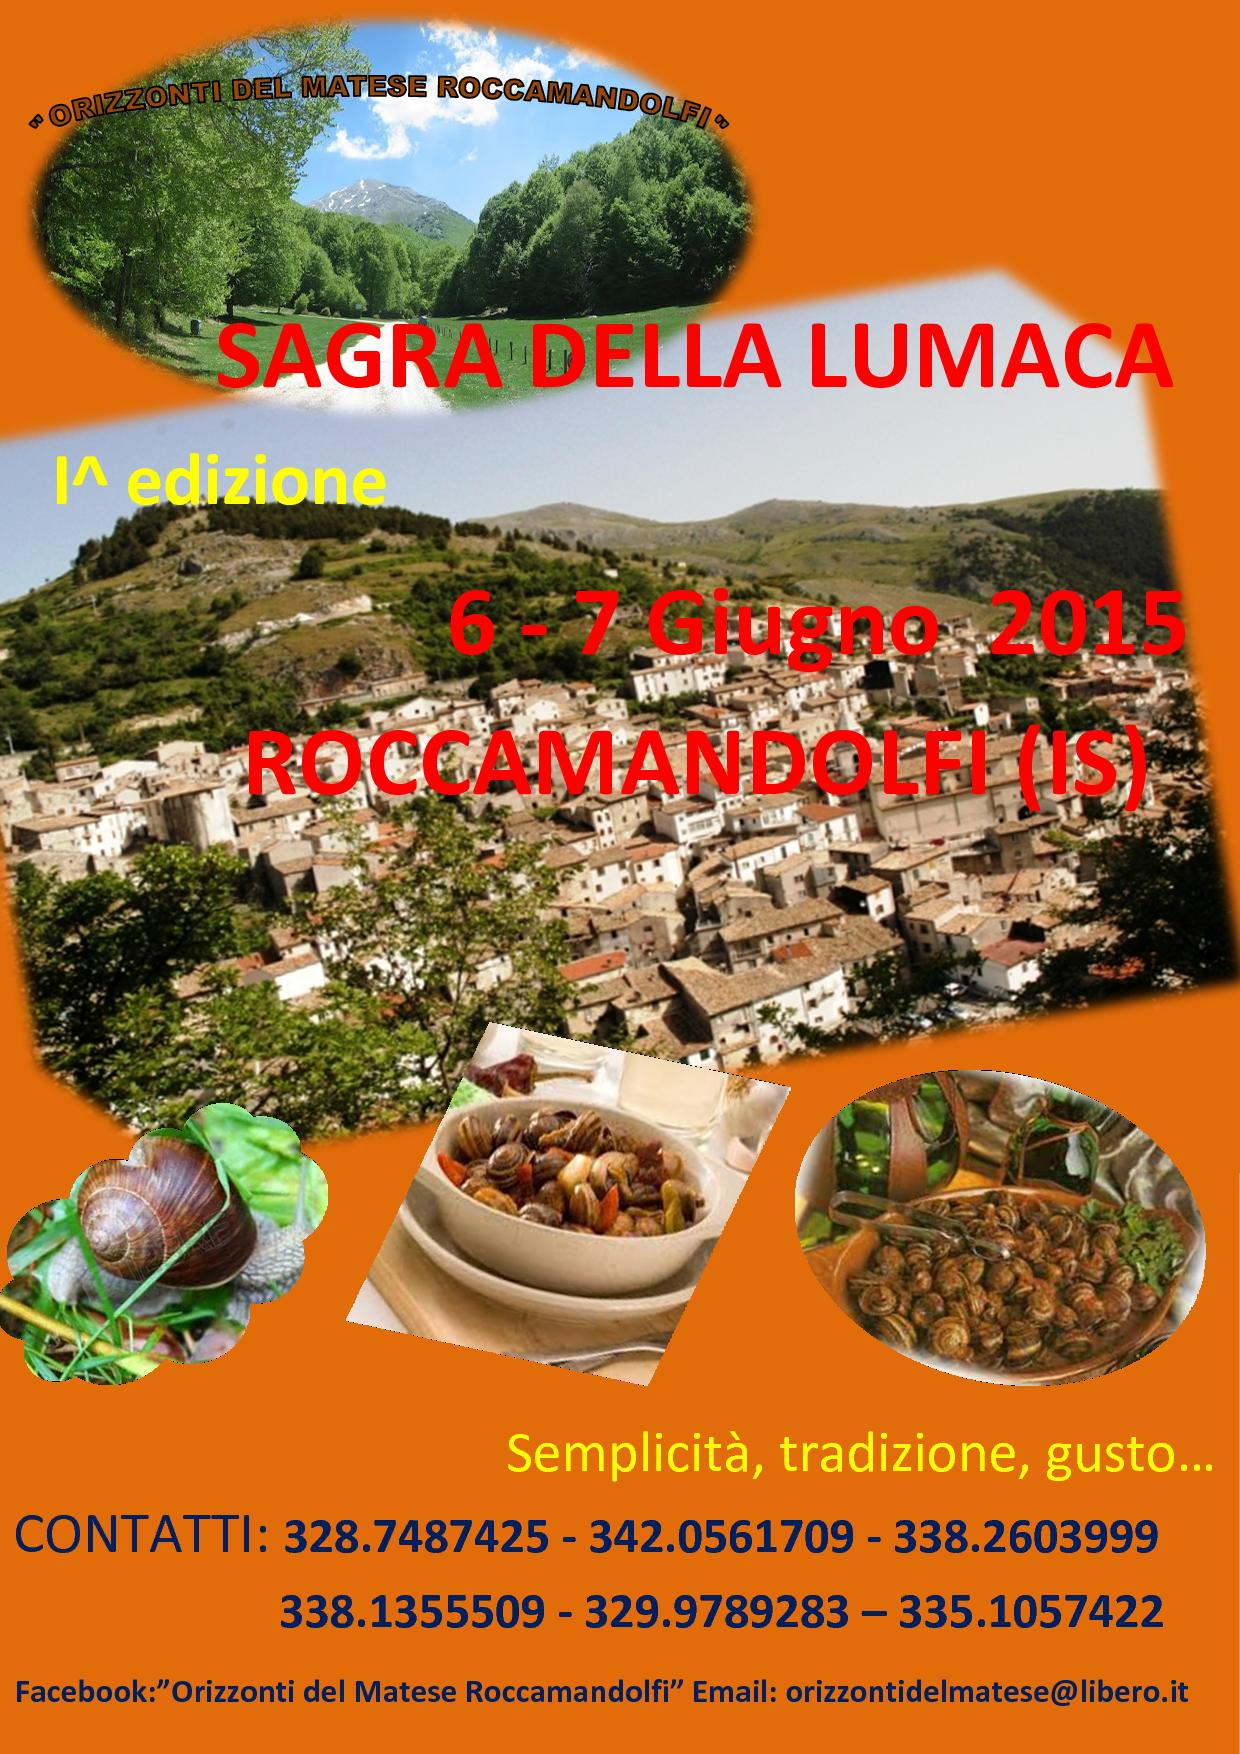 bozza locandina  Sagra della Lumaca 20151 (2)